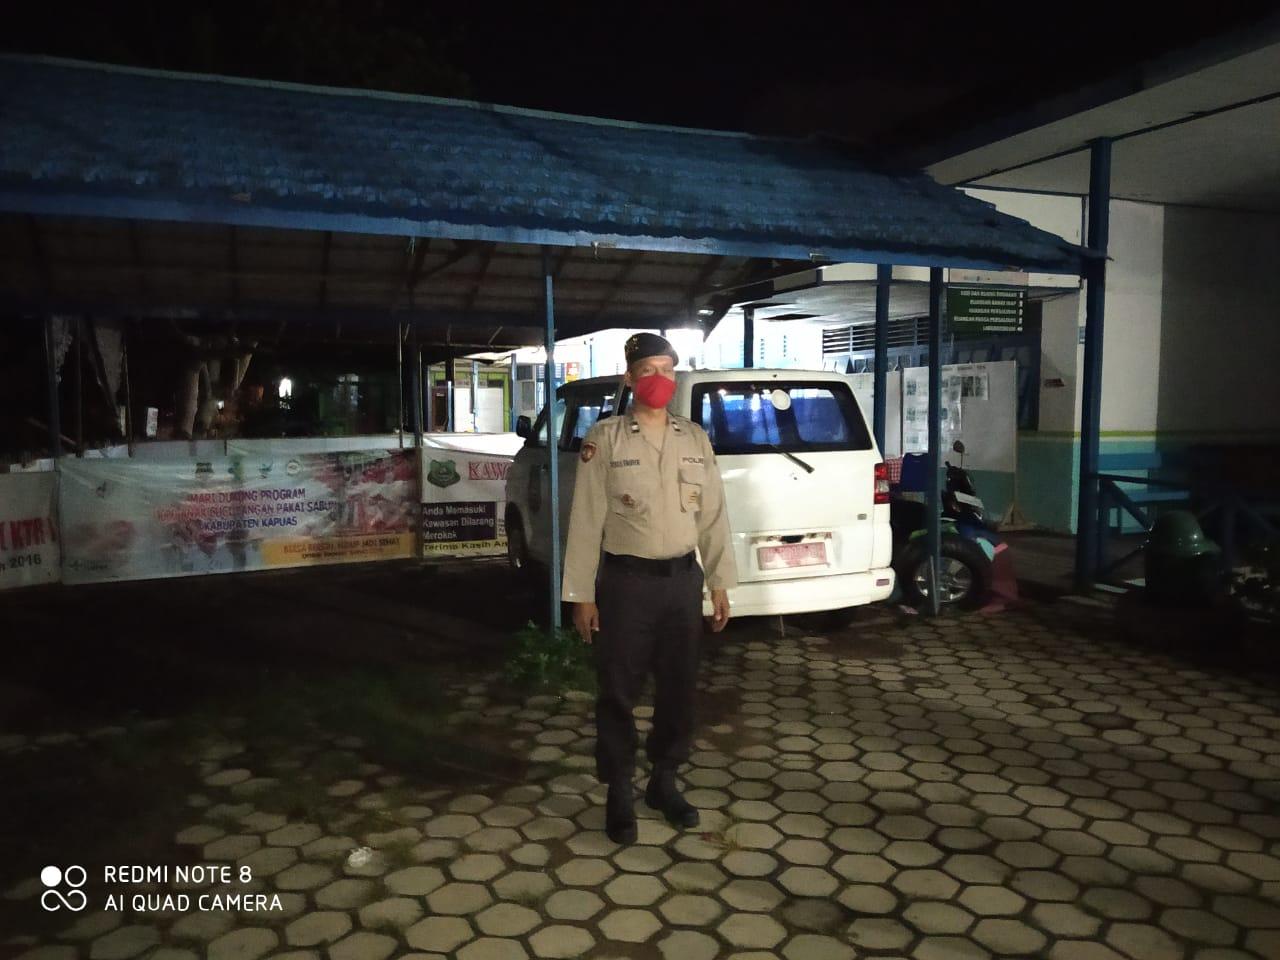 Menekan Tindak Kejahatan, Polsek Kapuas Kuala Patroli Malam